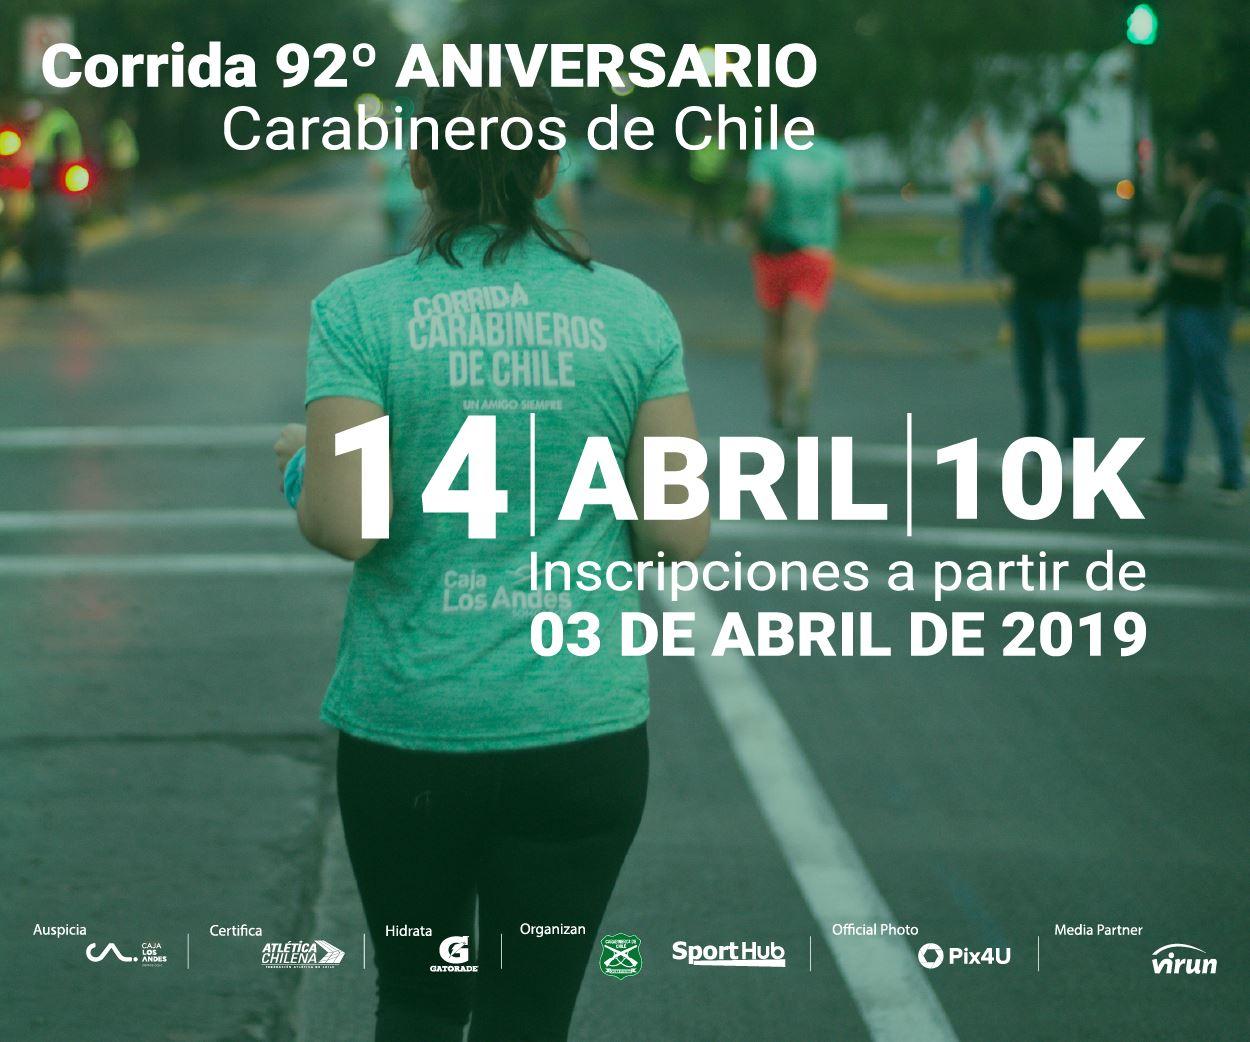 Mañana comienzan las inscripciones para la Corrida 92° Aniversario Carabineros 2019